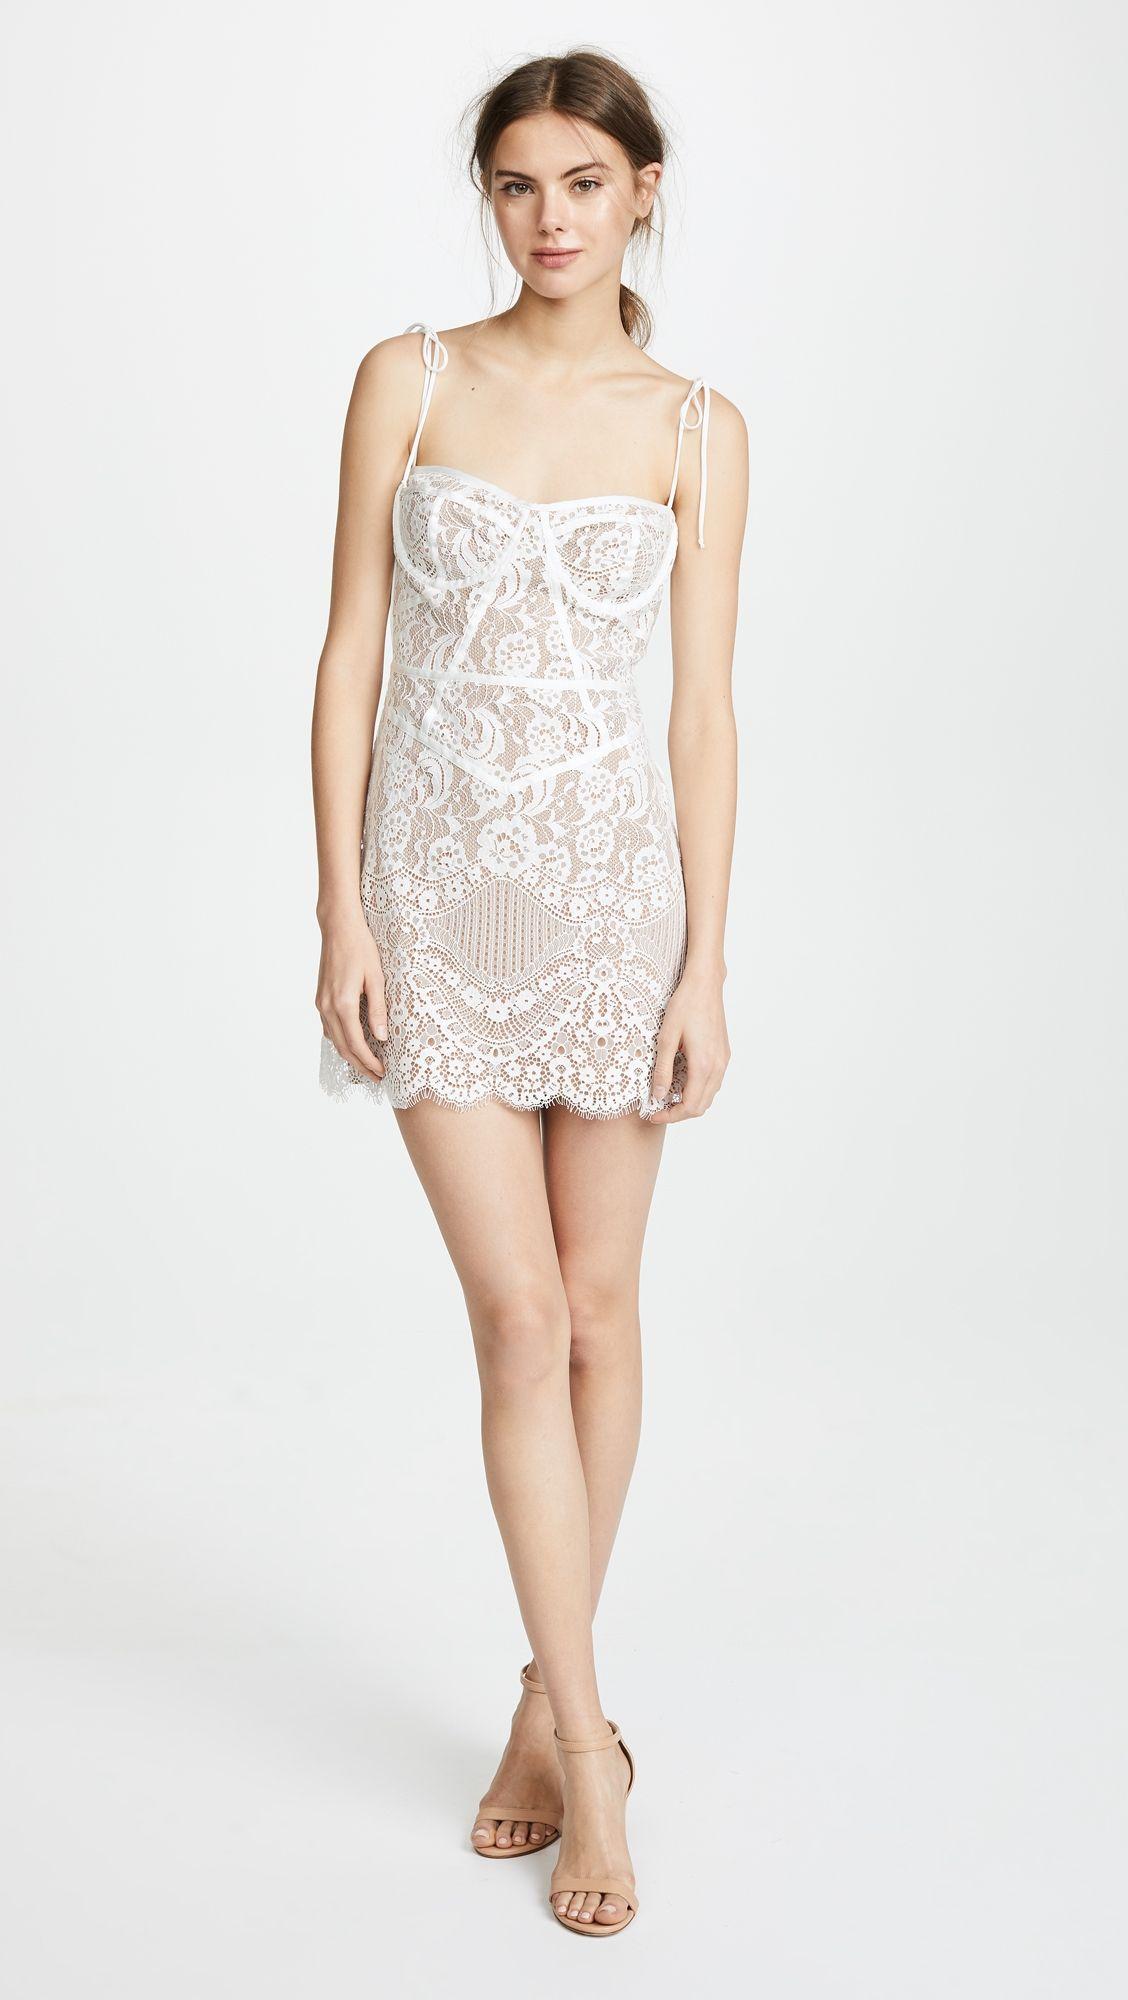 Tati Lace Corset Dress Products White Lace Corset